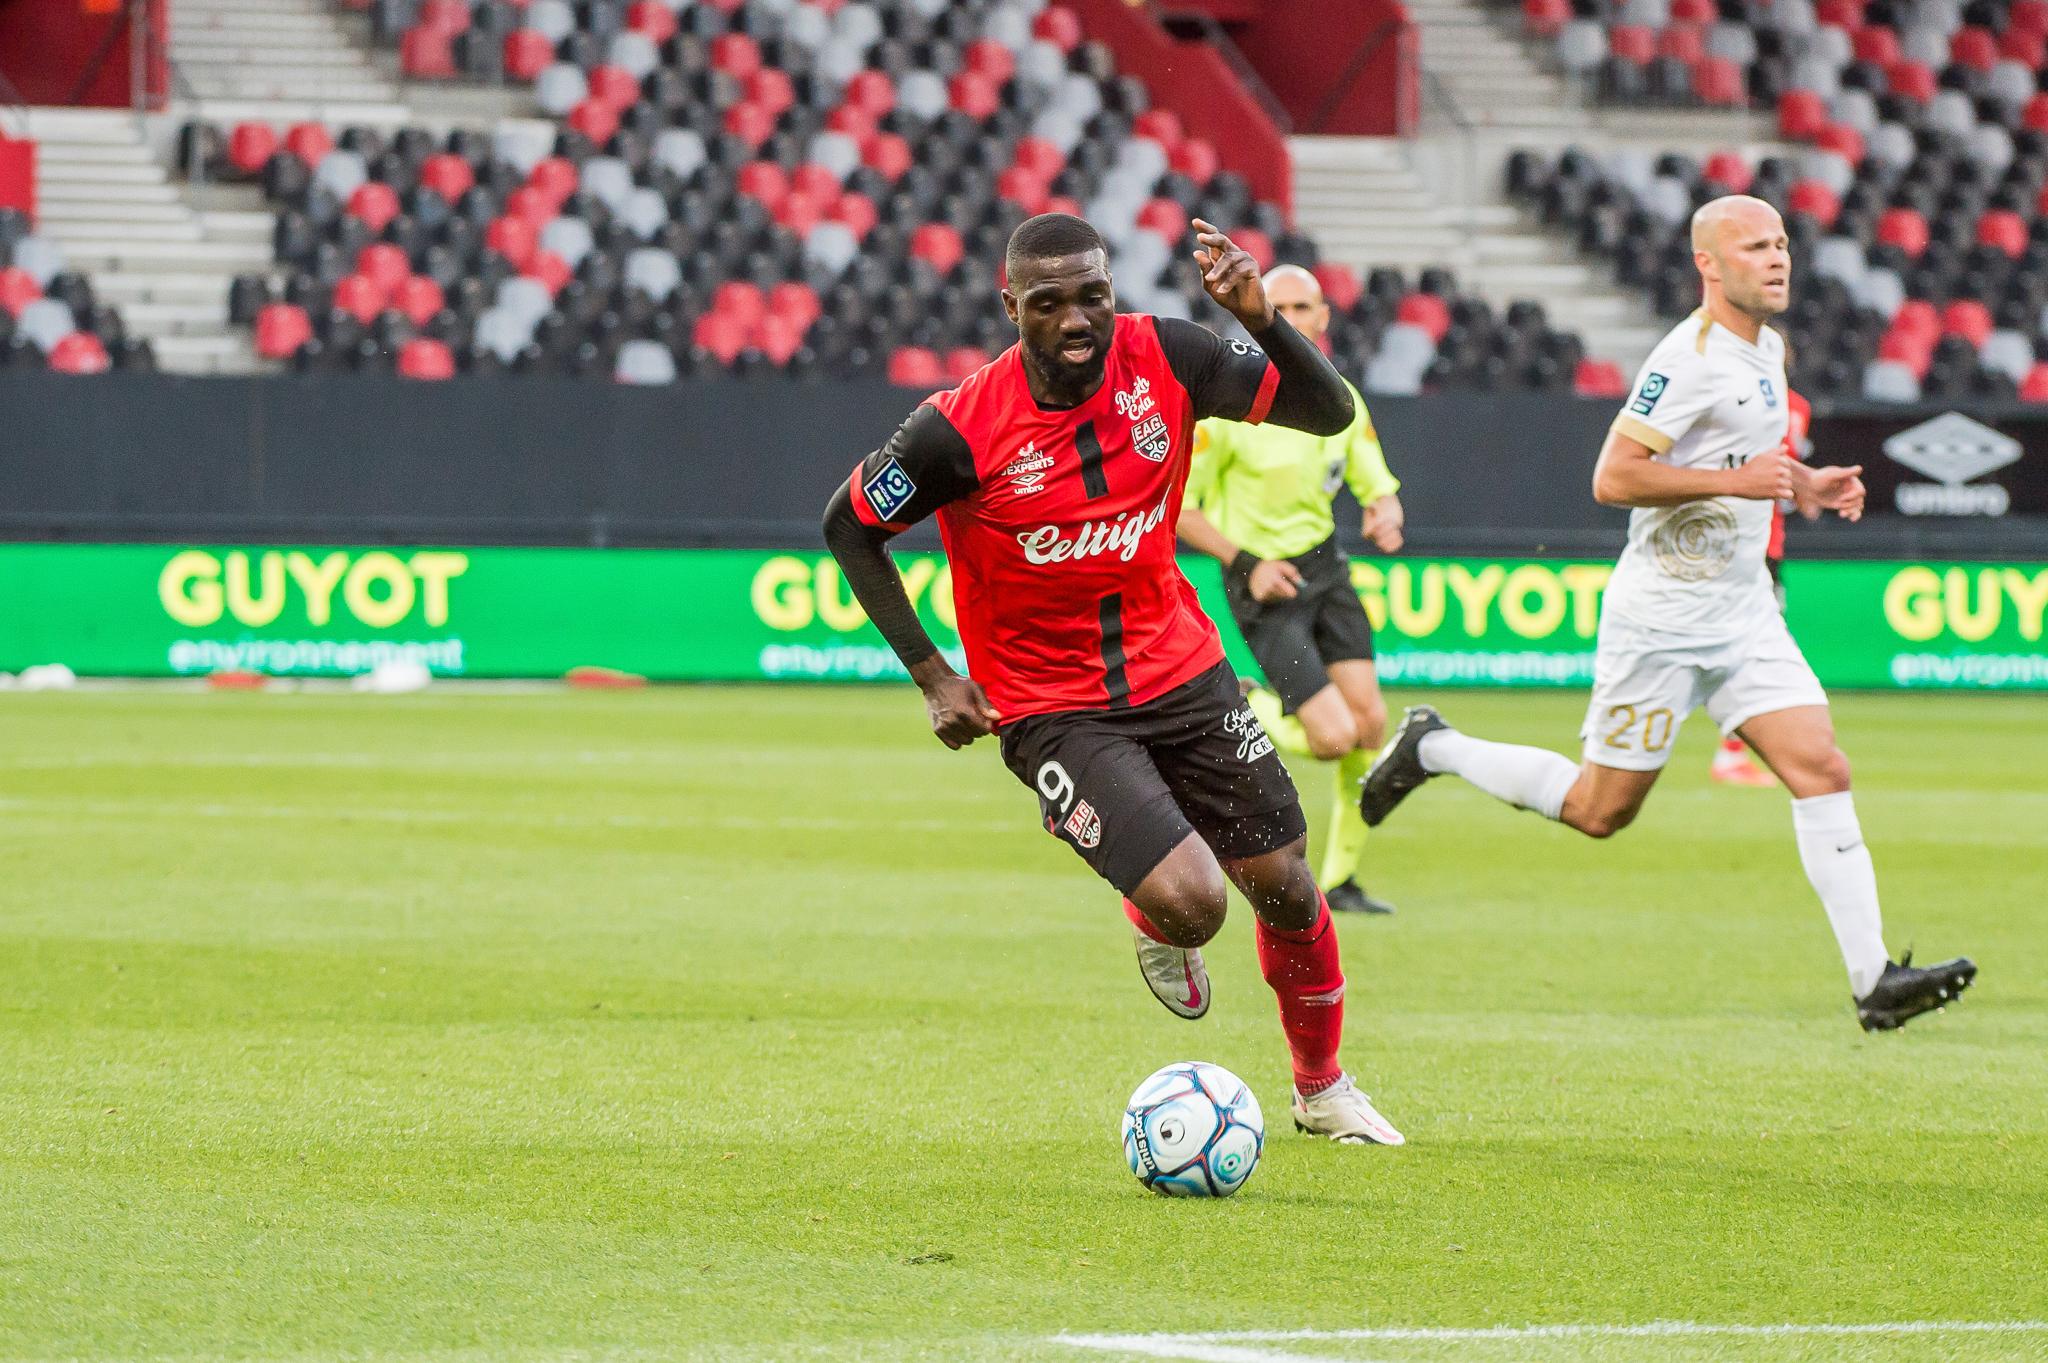 EA Guingamp La Berrichonne Châteauroux J37 Ligue 2 BKT EAGLBC 2-0 Stade de Roudourou FRA_5679